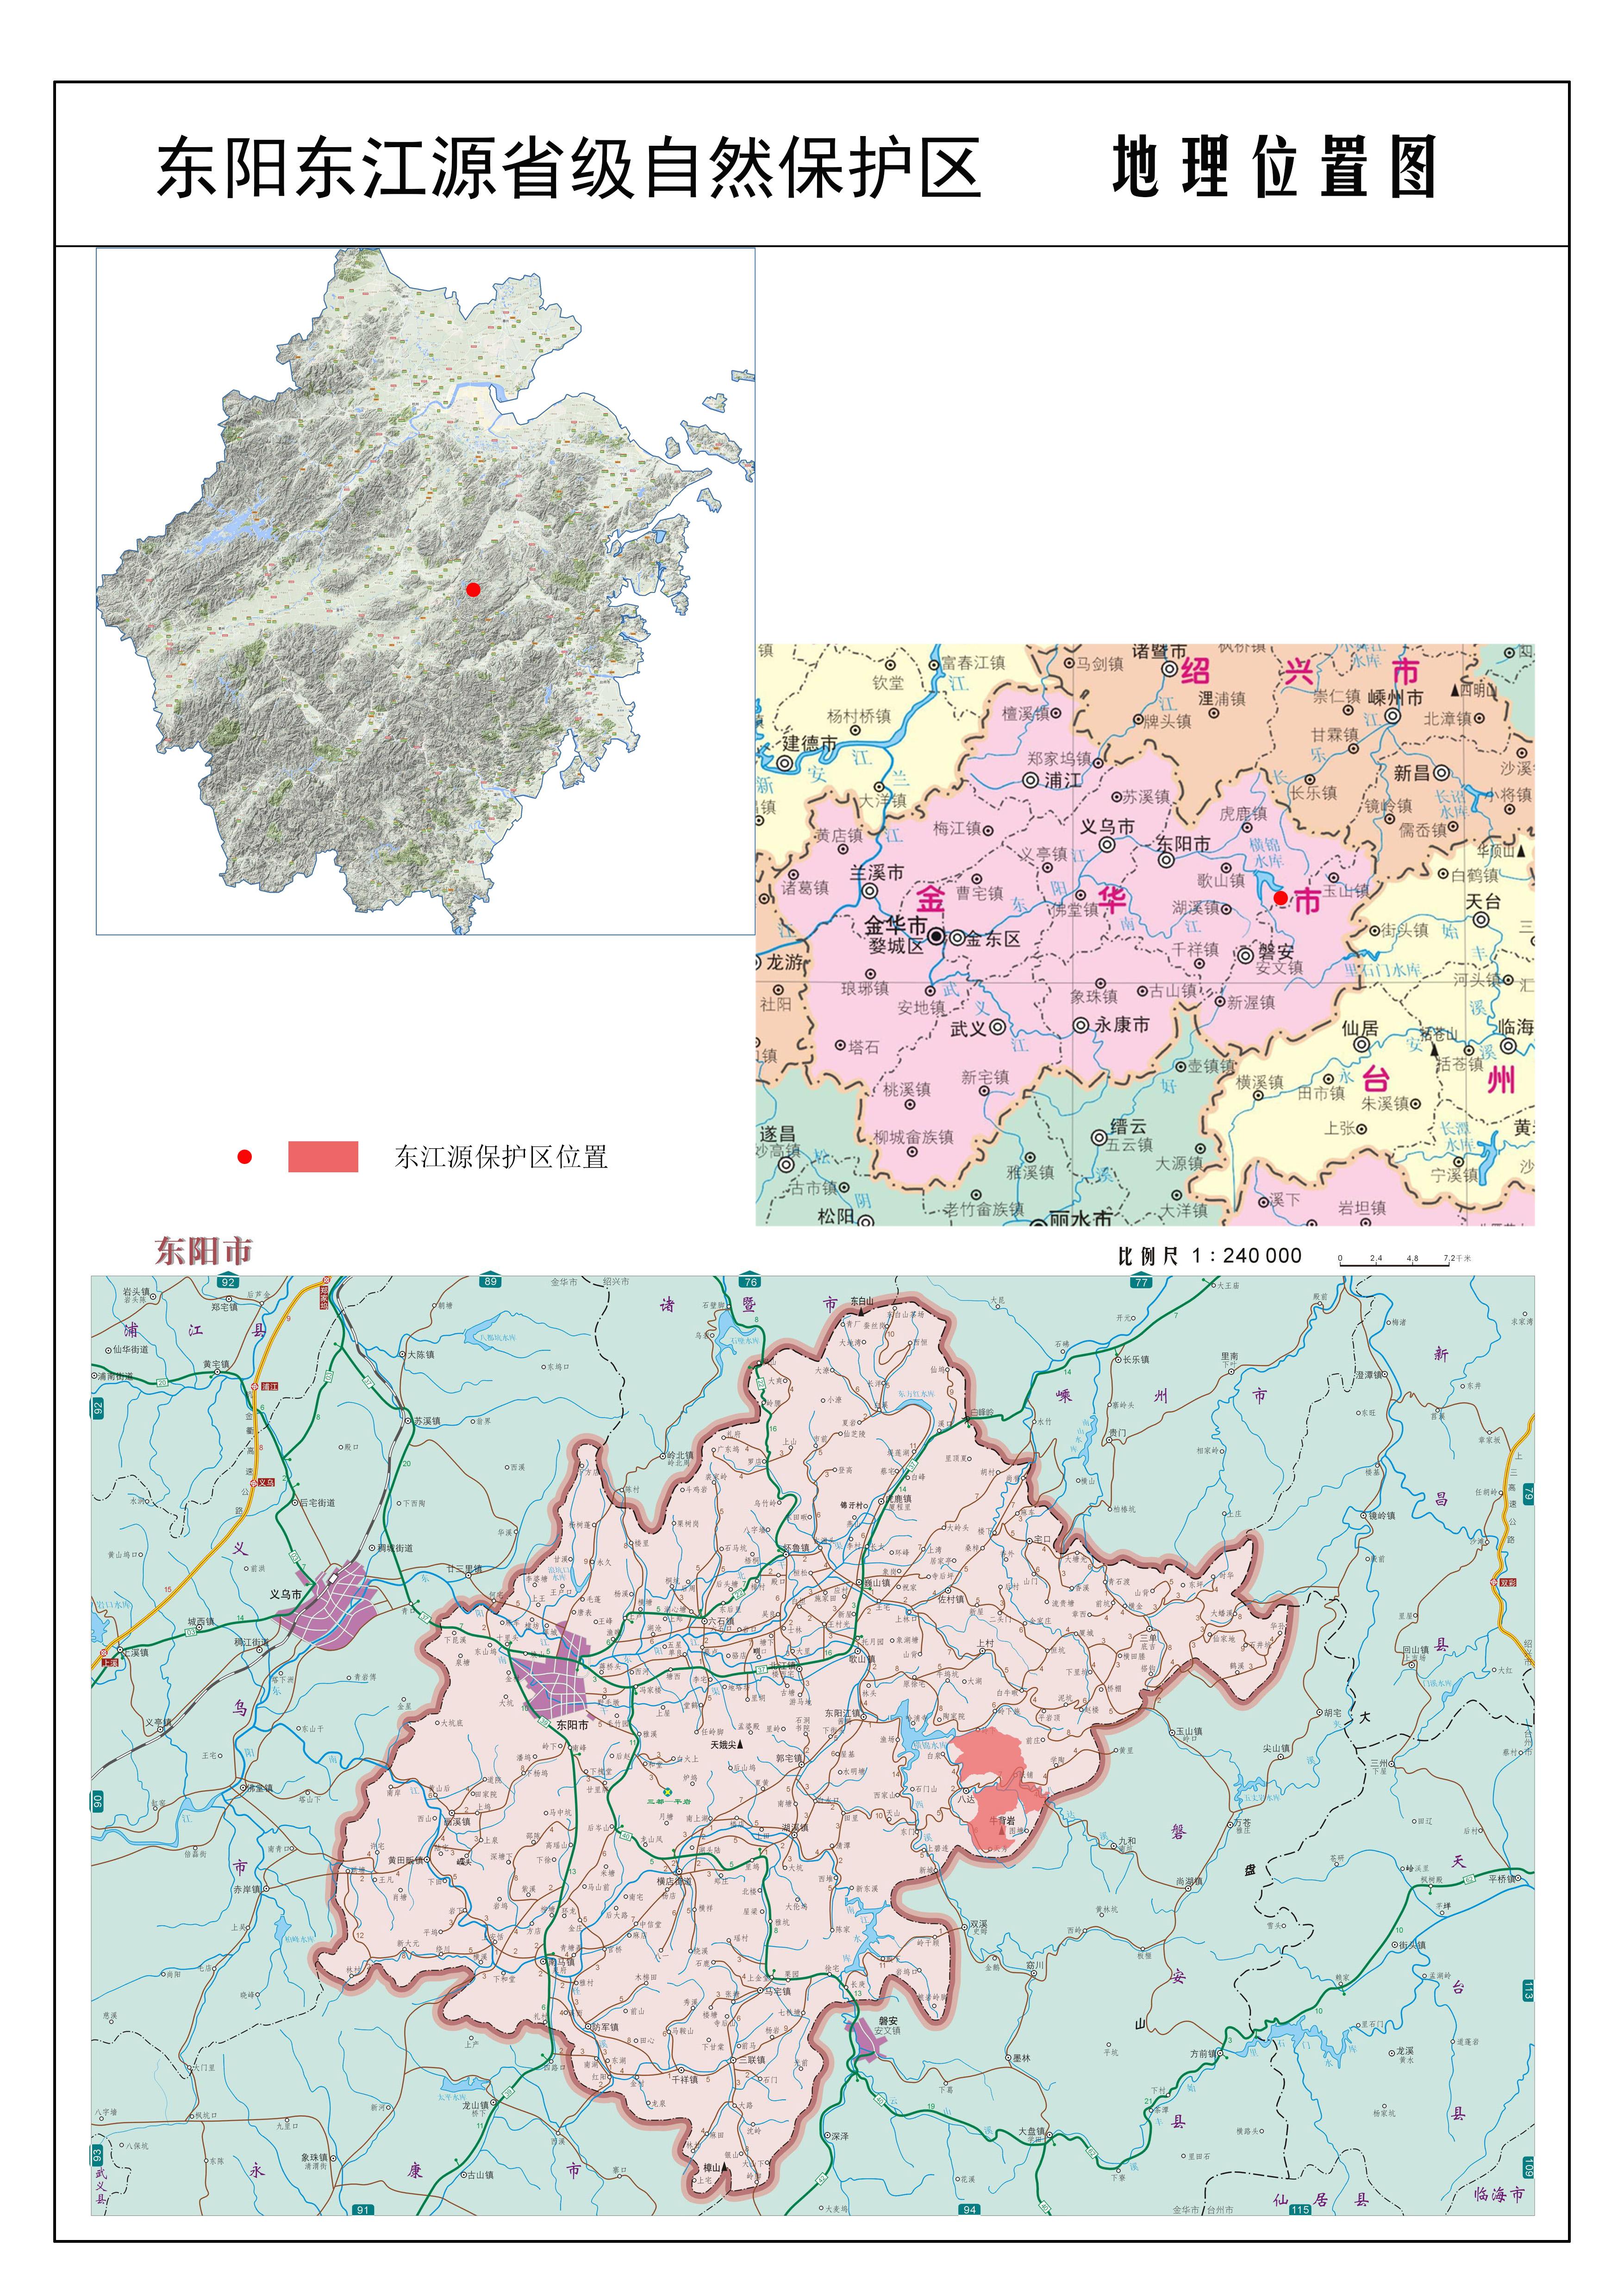 01-地理位置图.jpg